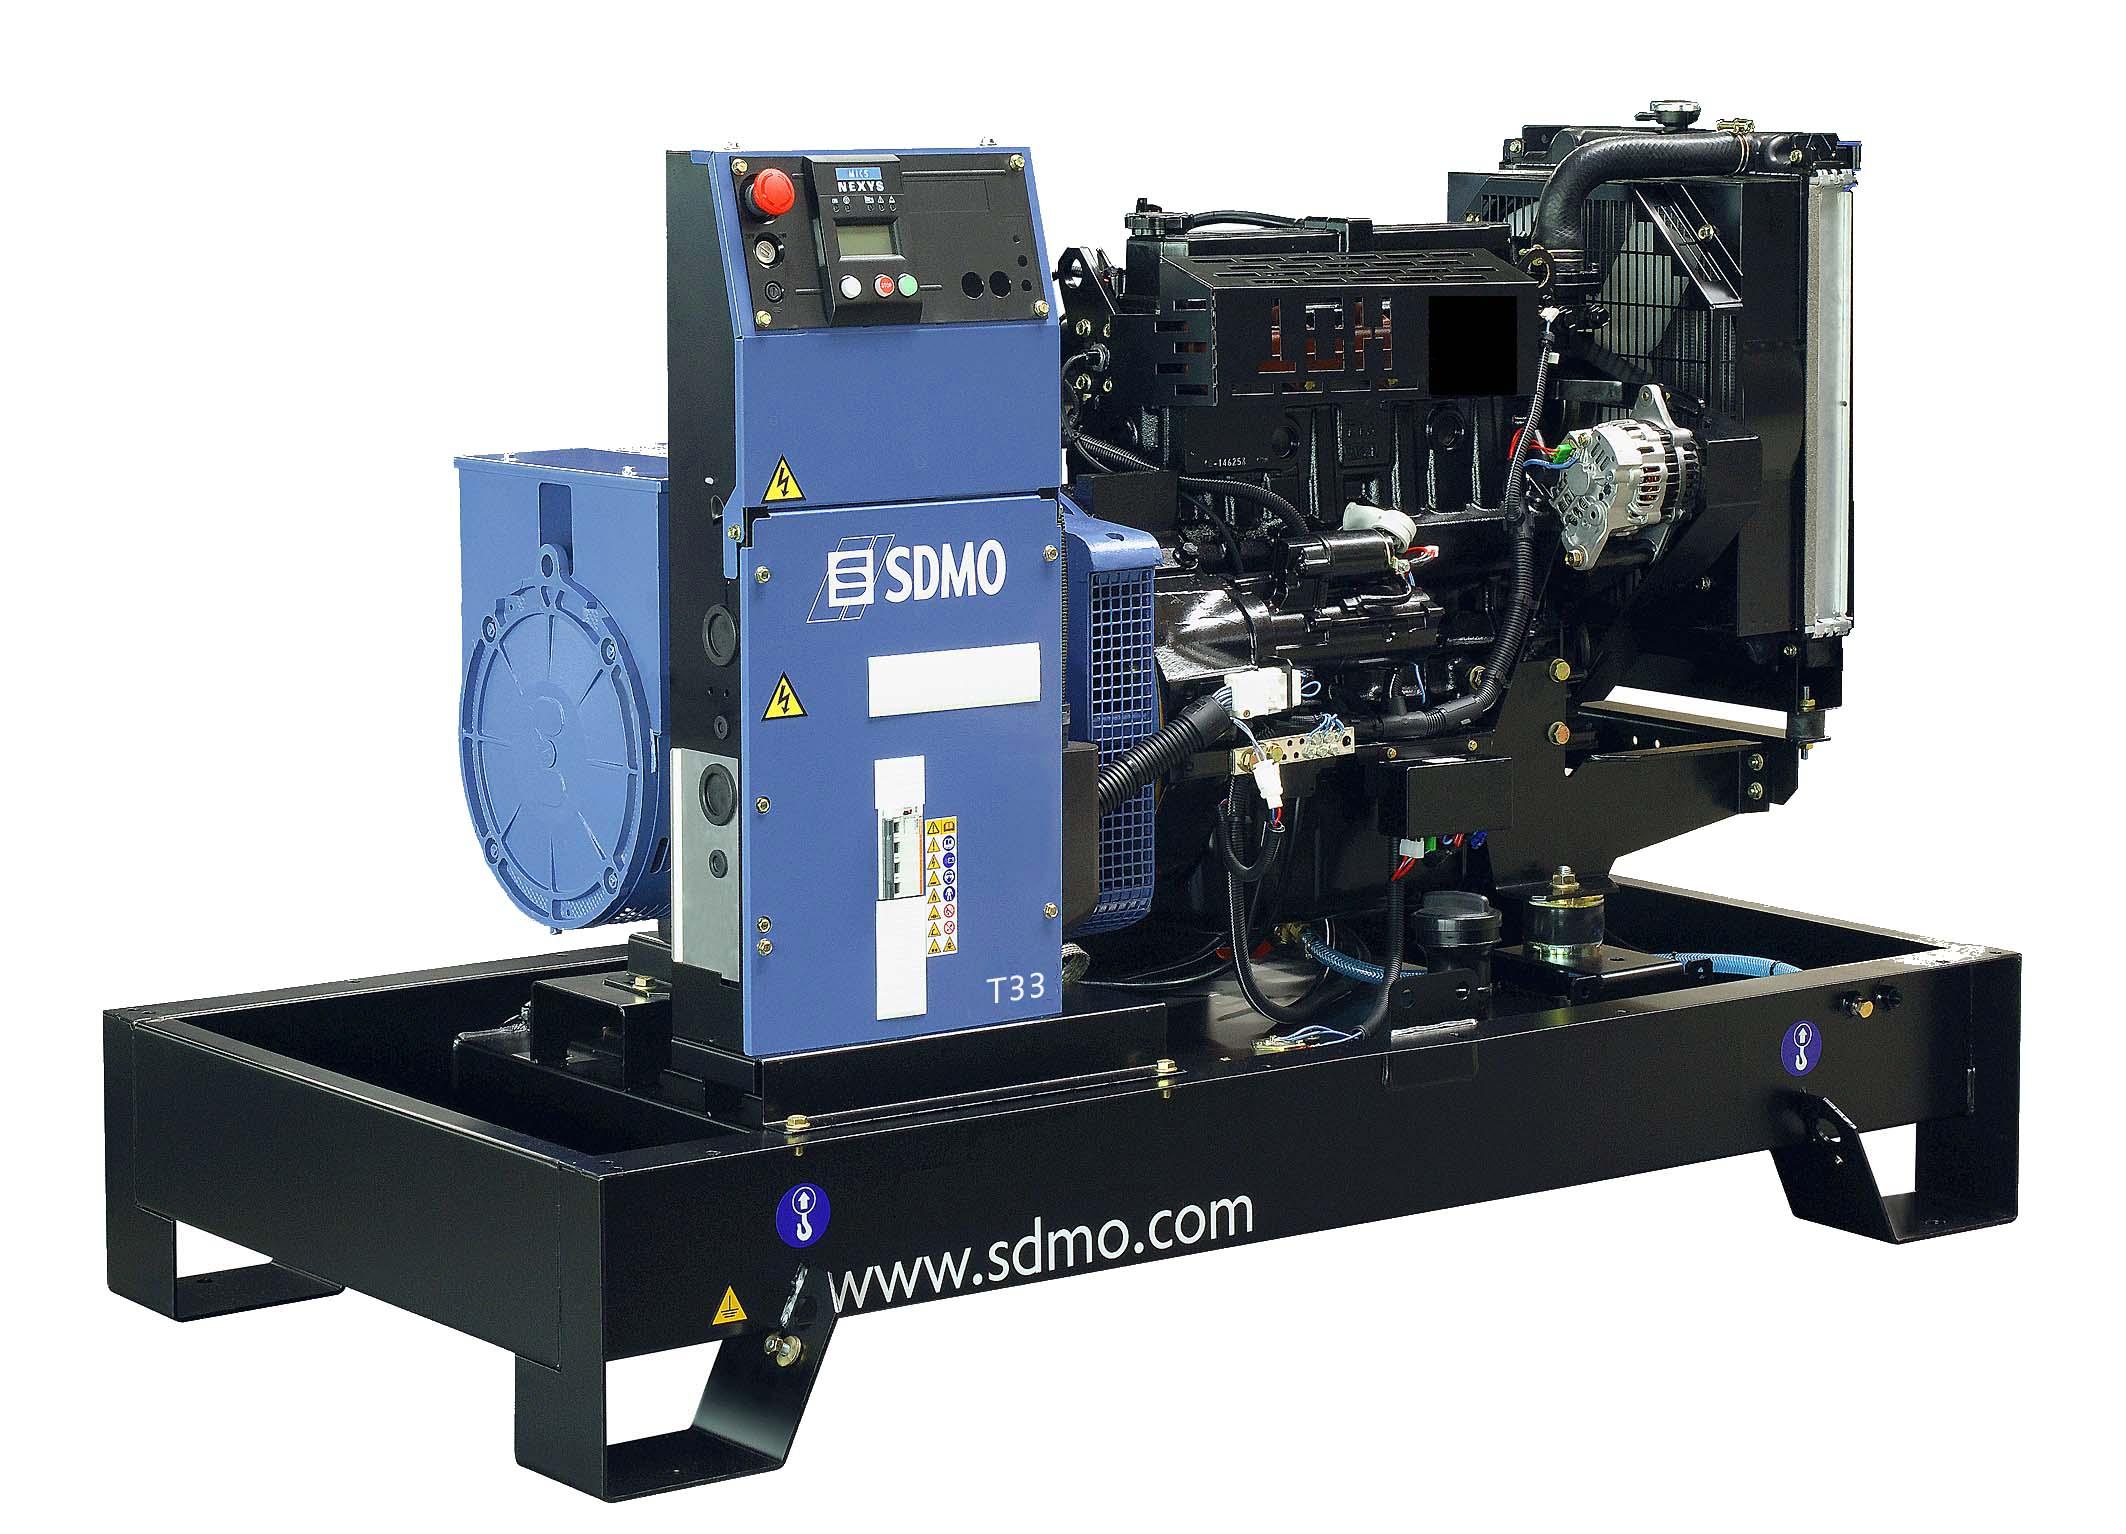 дизель генератор 1 ф.gp6500l-gee схема